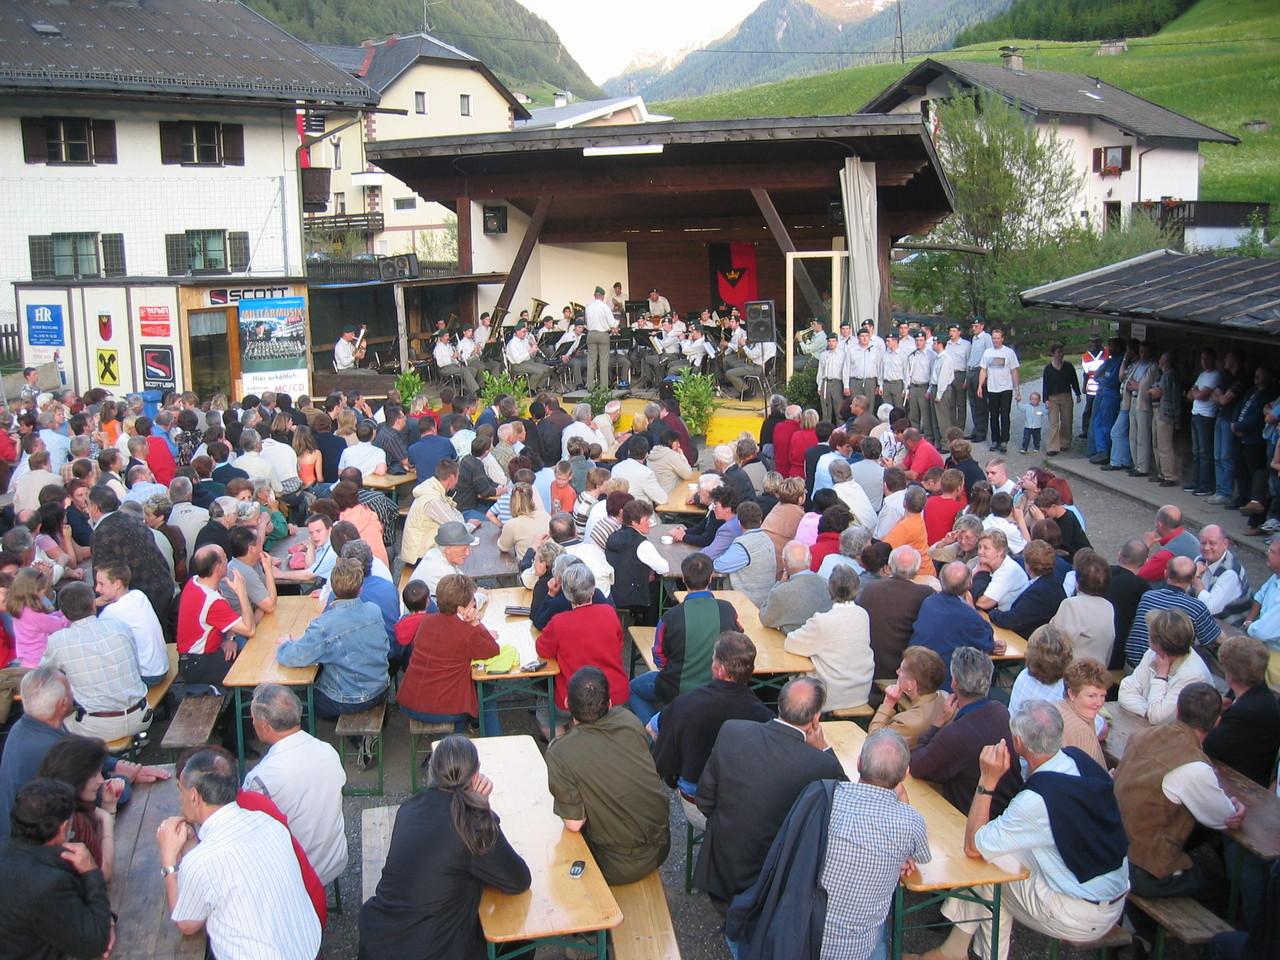 Militärmusik in St. Jodok (c) Werner Daum